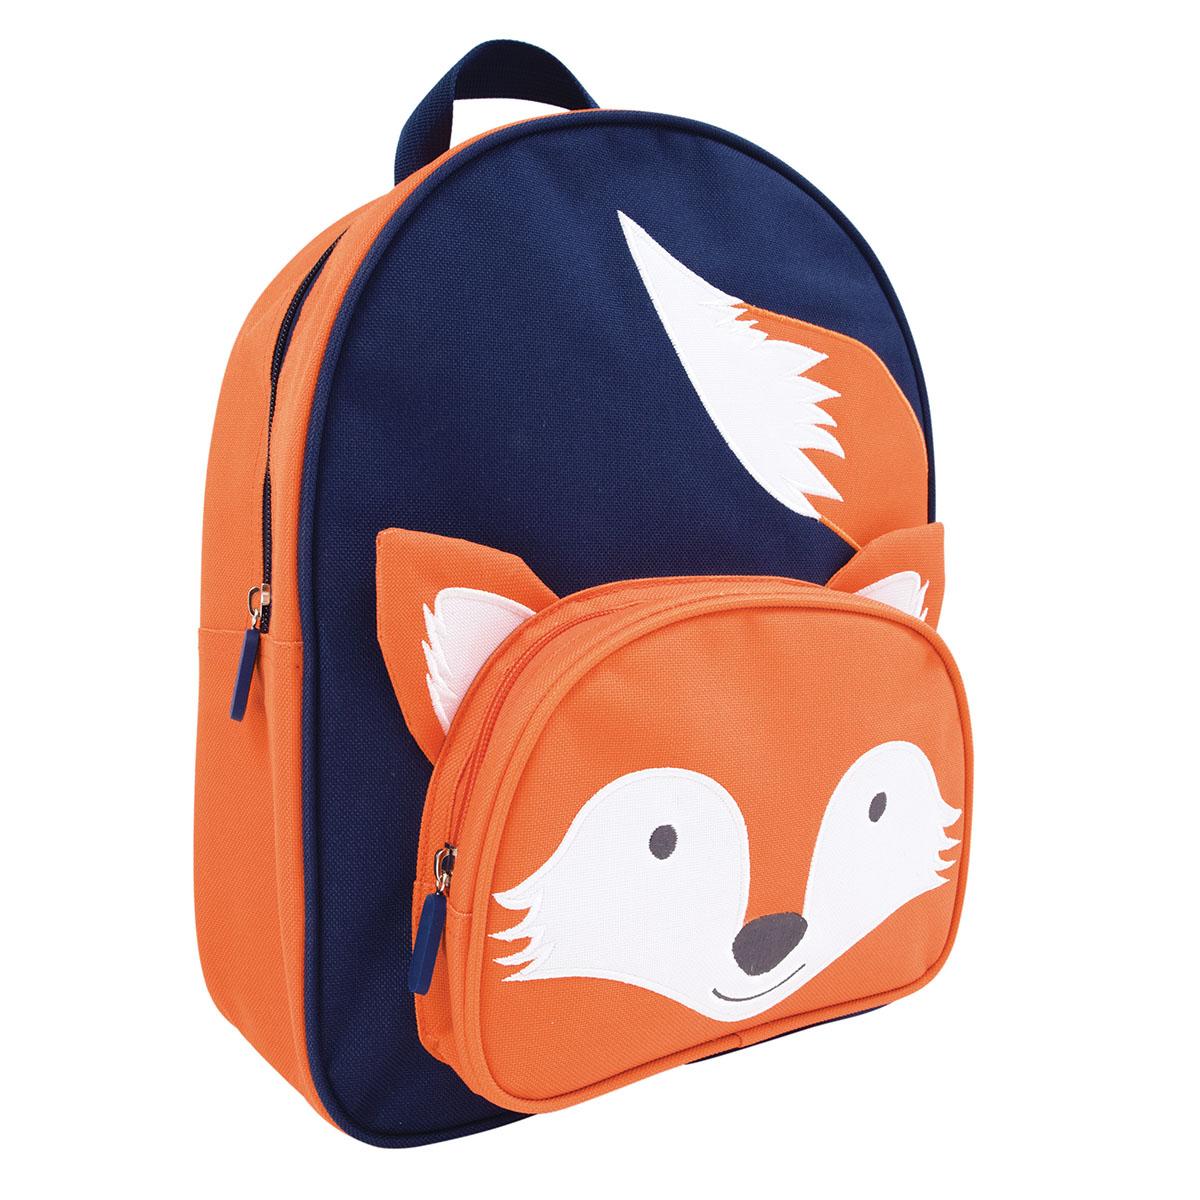 JoJo Fox Rucksack £16.00